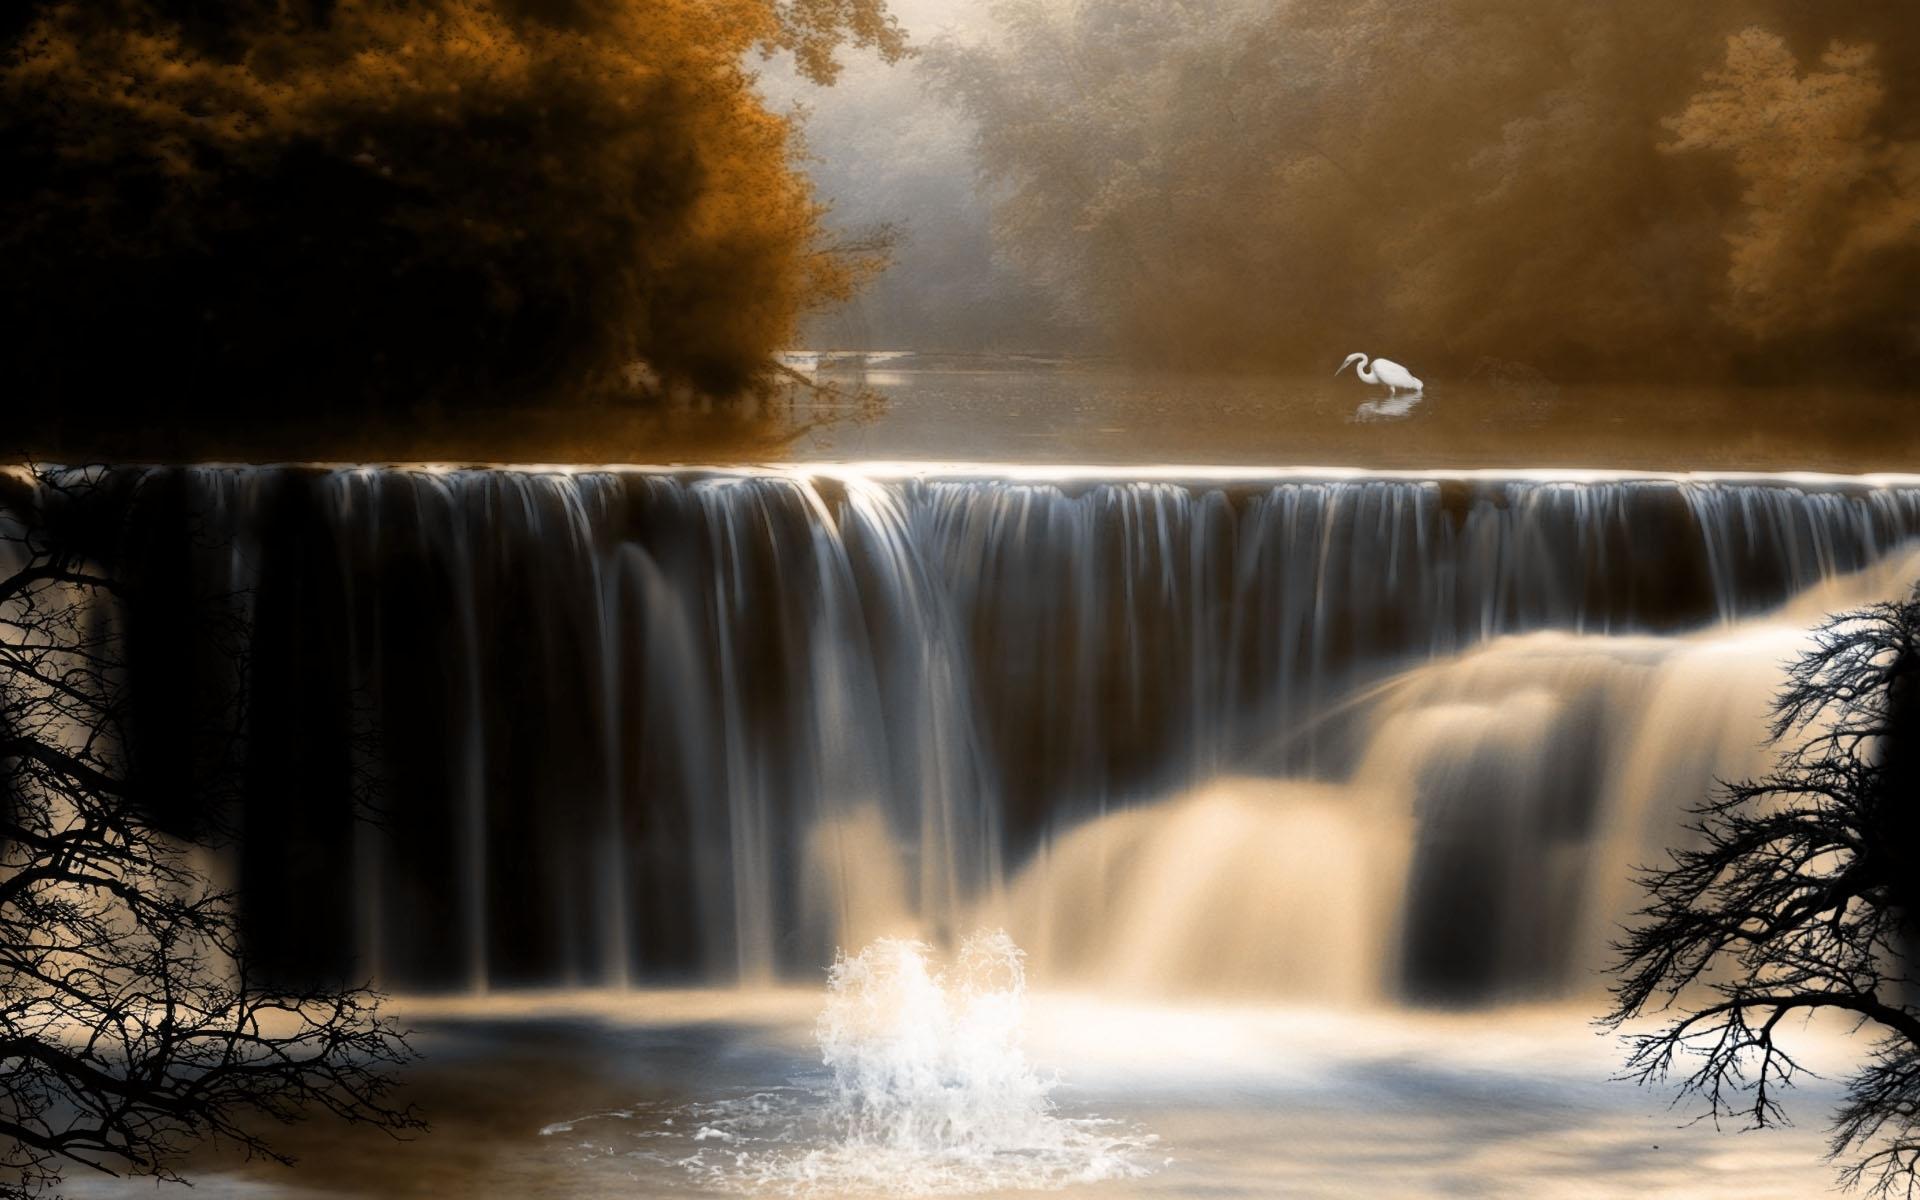 Скачать картинку Река, Водопады, Пейзаж, Птицы в телефон бесплатно.